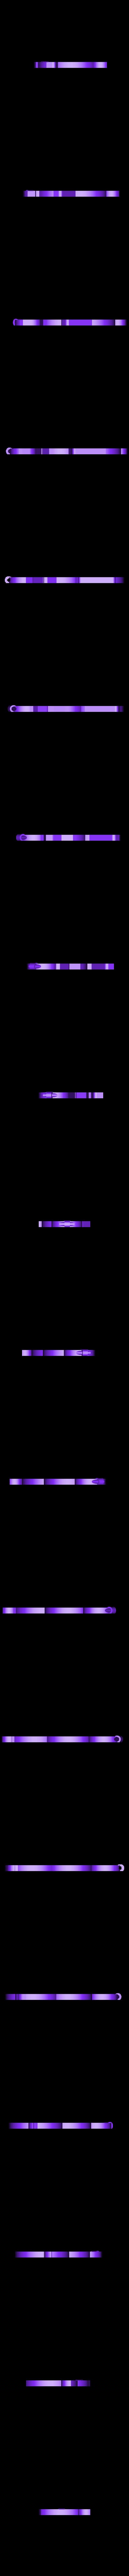 3rdesignkeychain2.stl Télécharger fichier OBJ gratuit Spaceballs - Princess Vespa • Objet pour imprimante 3D, 3rdesignworks